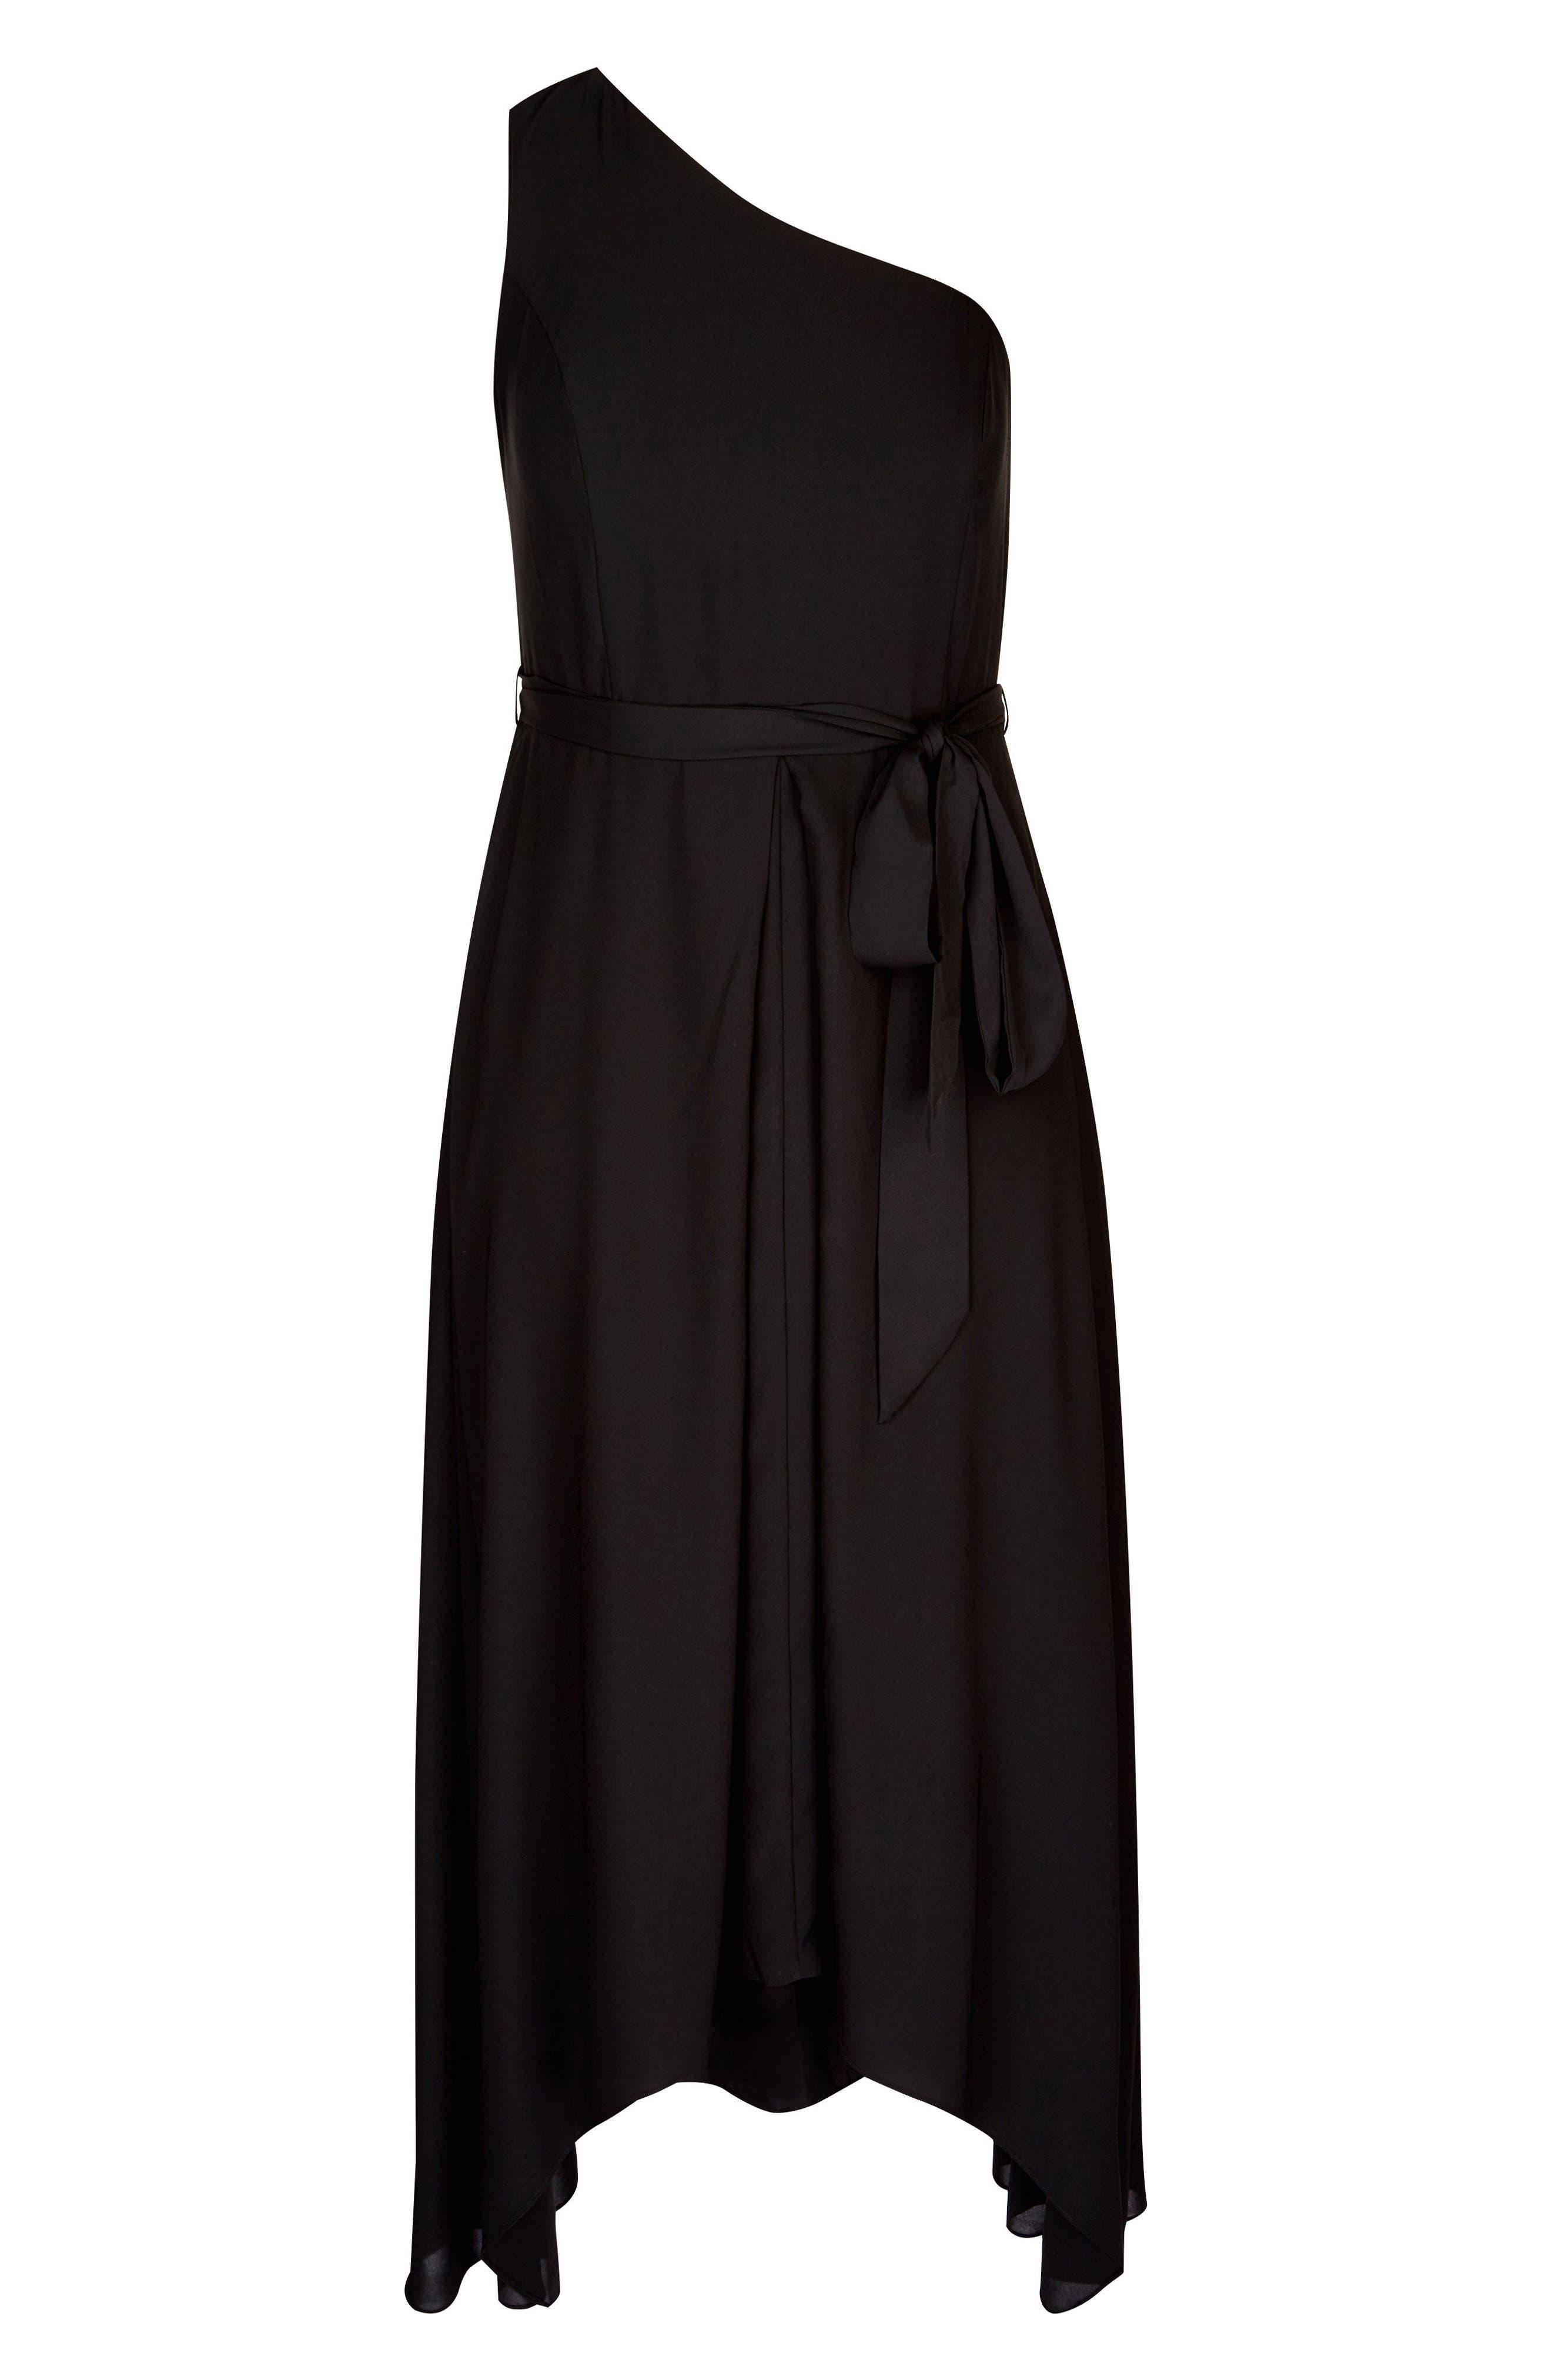 One Love Maxi Dress,                             Alternate thumbnail 3, color,                             Black